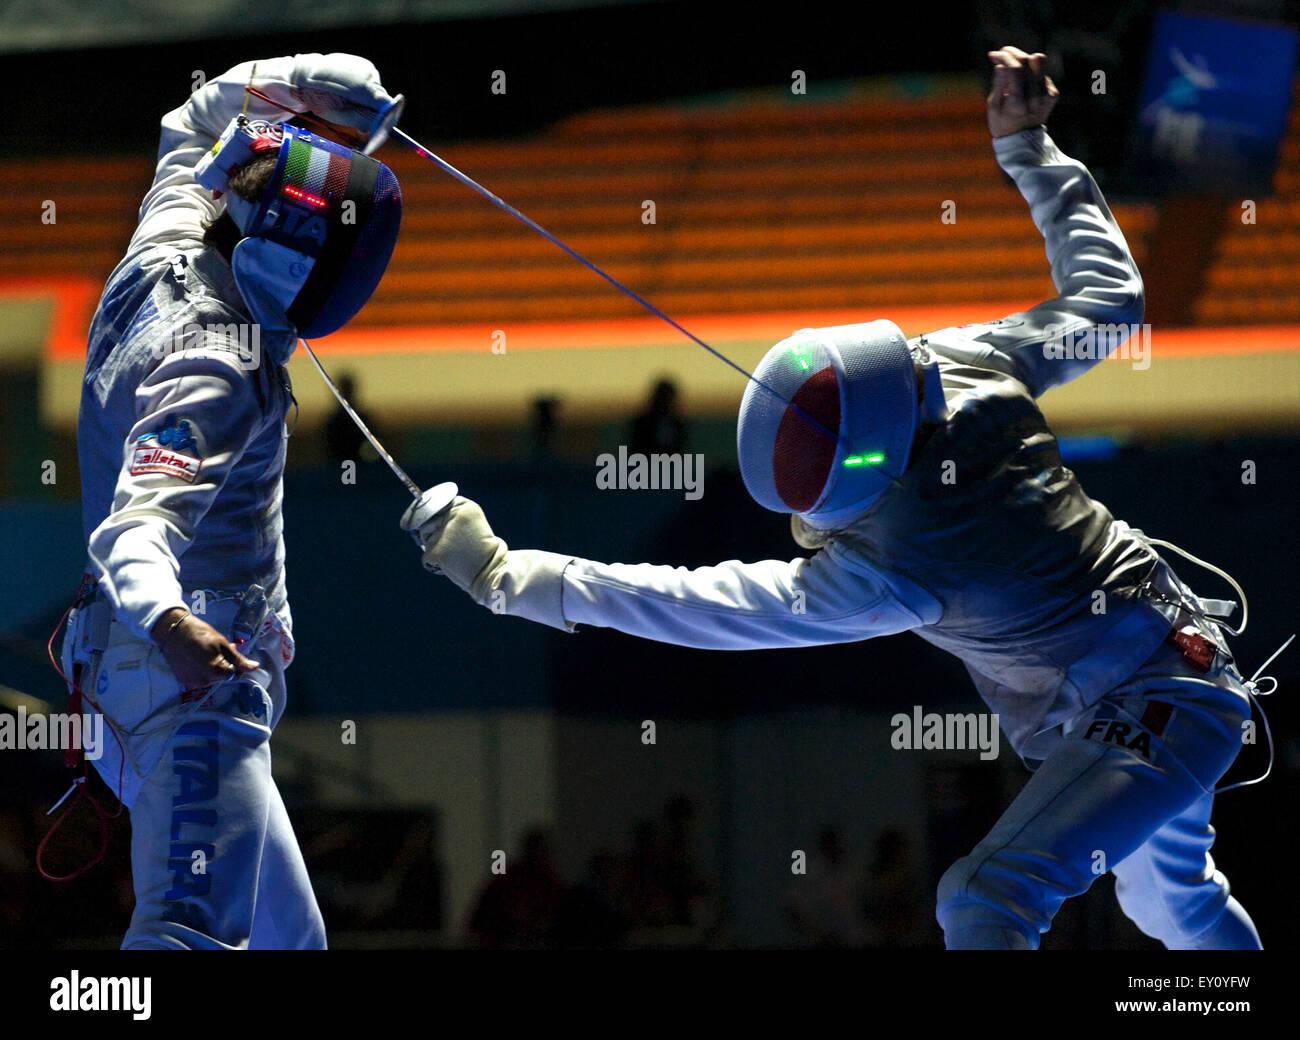 Mosca, Russia. 19 Luglio, 2015. BALDINI Andrea di Italia e CADOT Jeremy della Francia competere durante gli uomini Immagini Stock